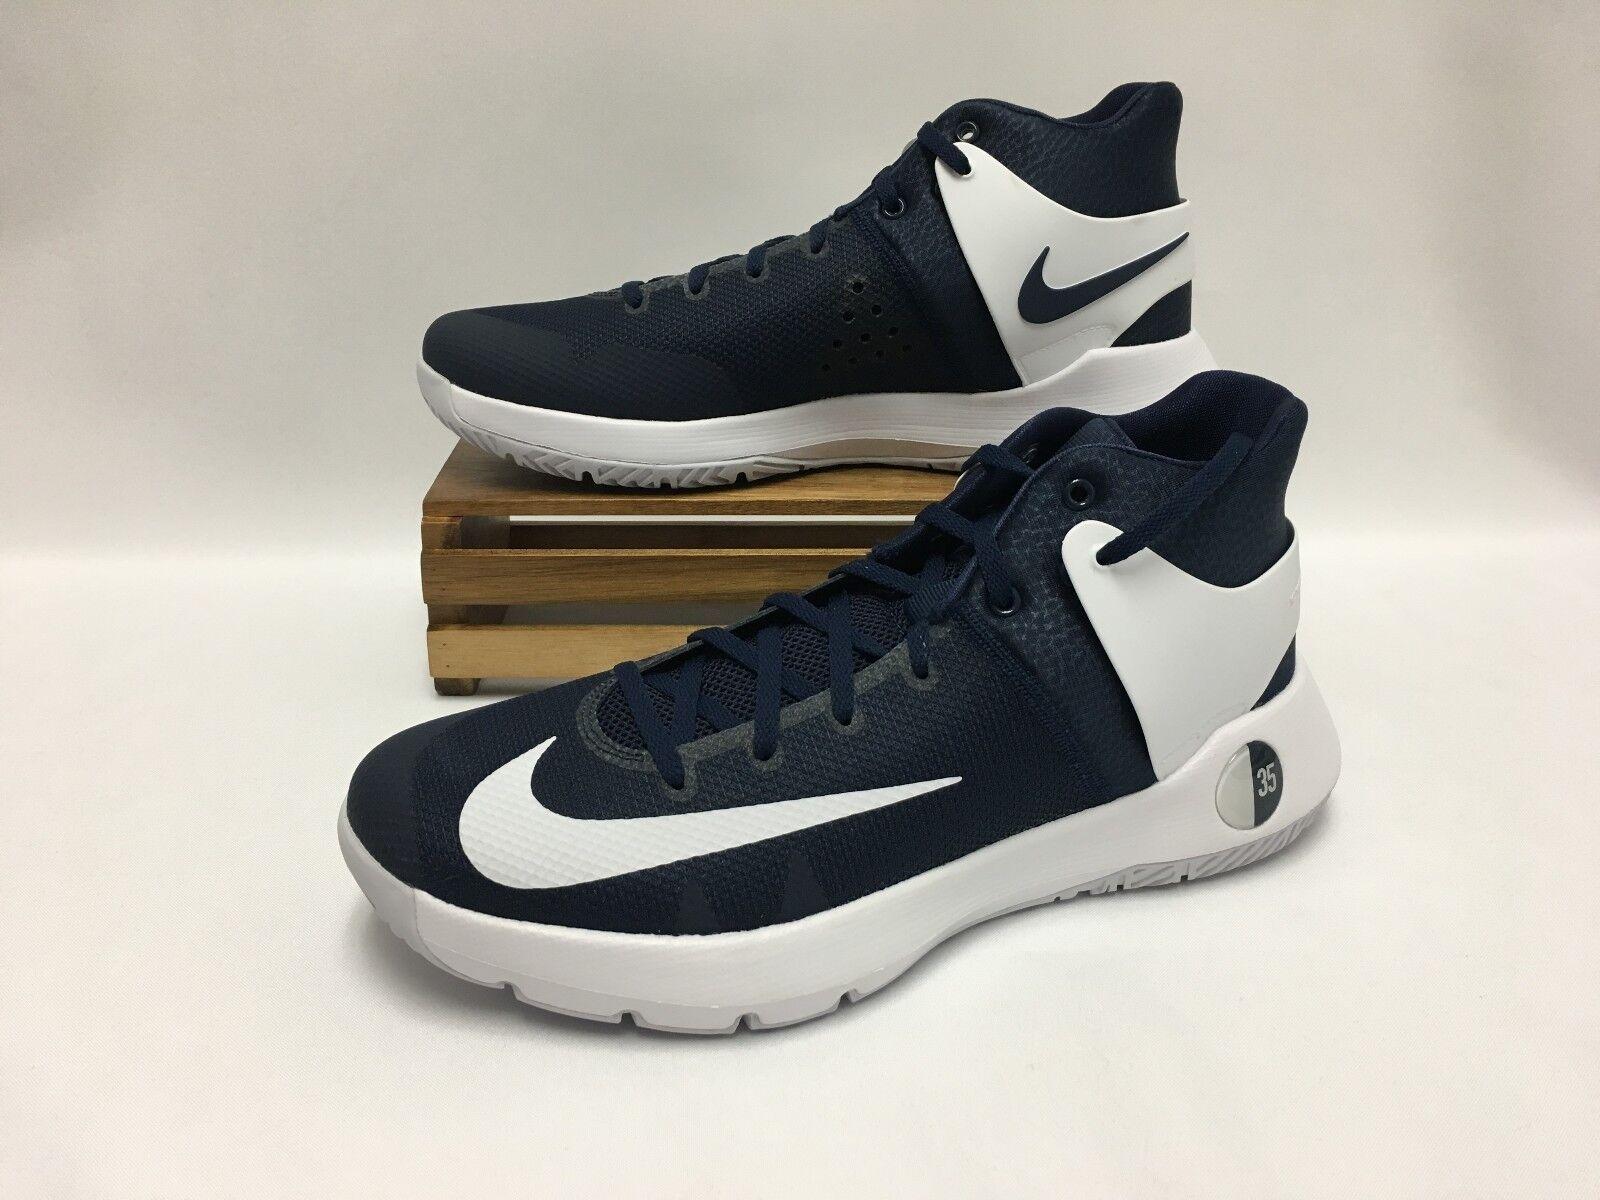 Nike KD Trey v iv blanco TB 844590-410 medianoche Marina blanco iv zapatos de baloncesto de los hombres nuevos el último descuento zapatos para hombres y mujeres 805178